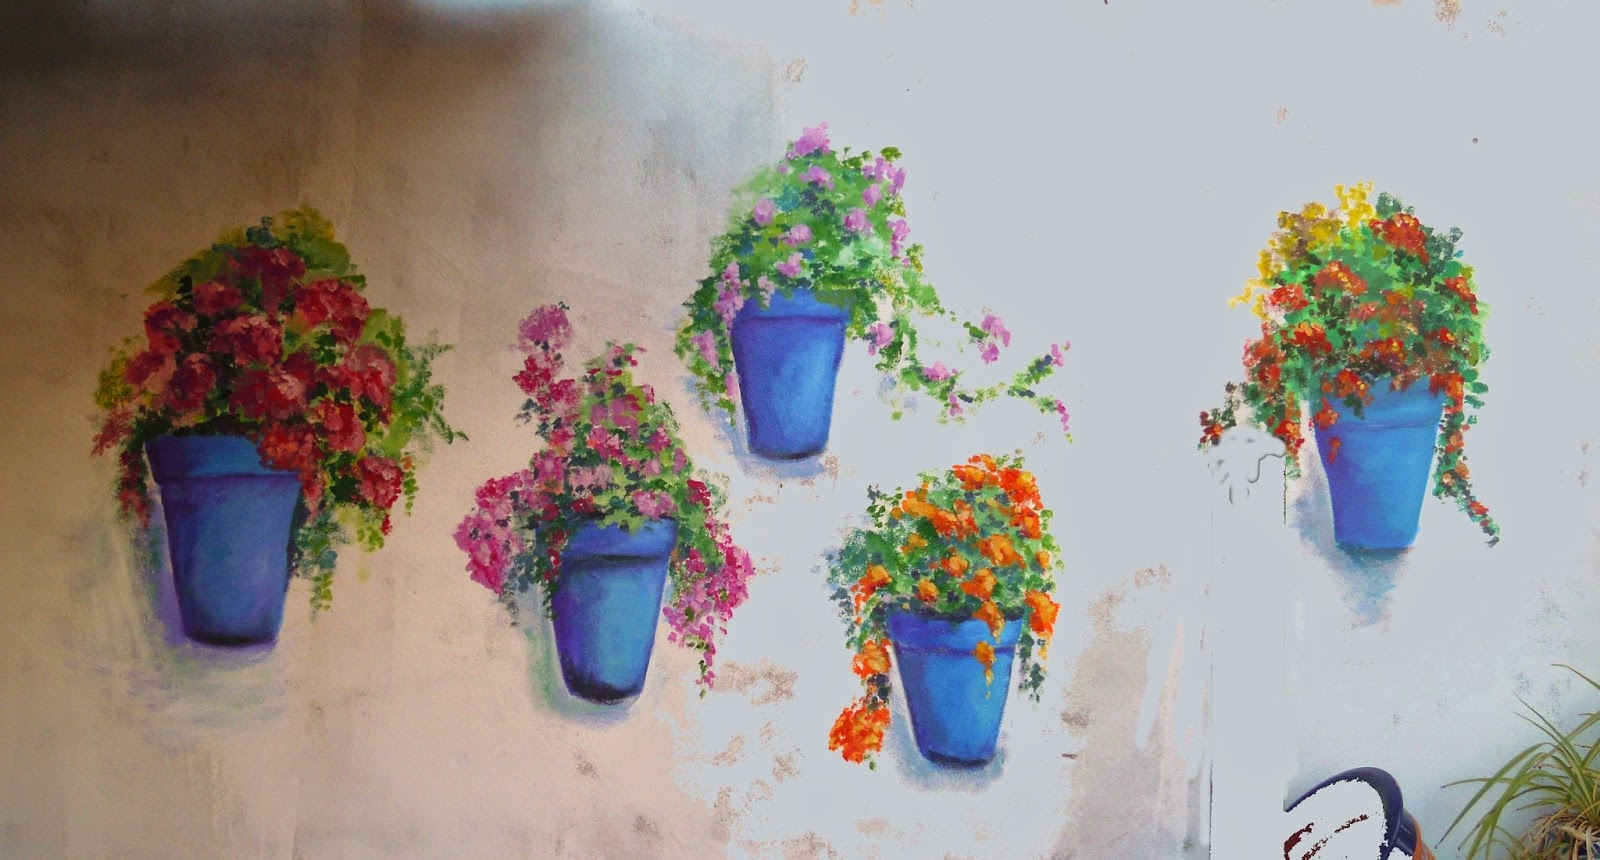 Pinturas de sousa macetas en la pared - Macetas en la pared ...